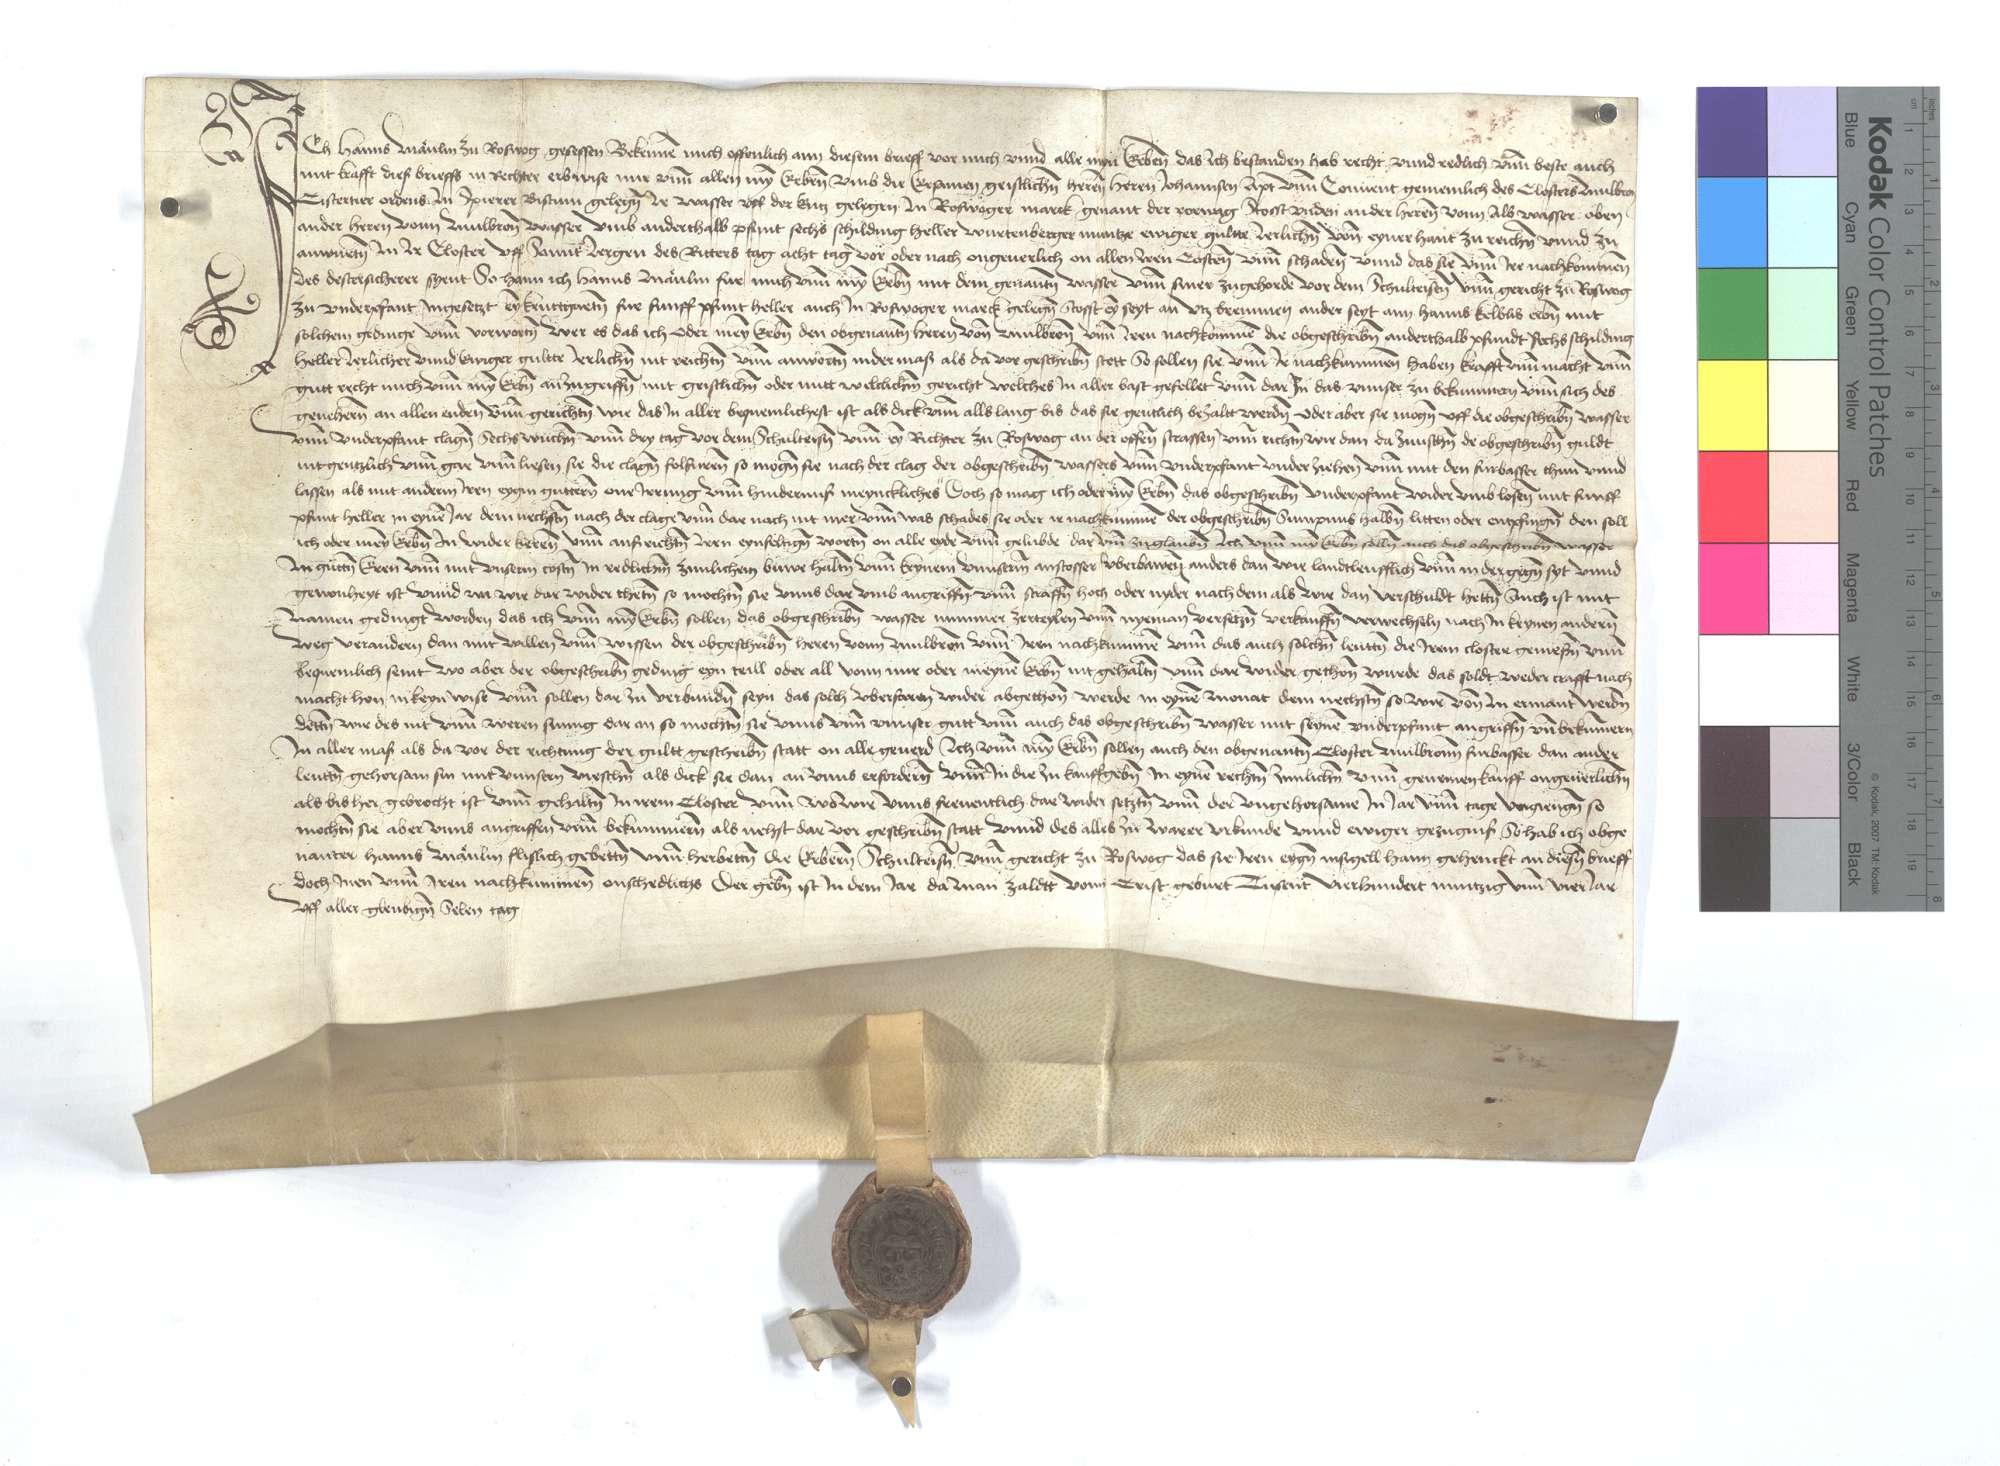 Lehensrevers des Hans Mänlin in Roßwag um das Fischwasser des Klosters Maulbronn dort., Text